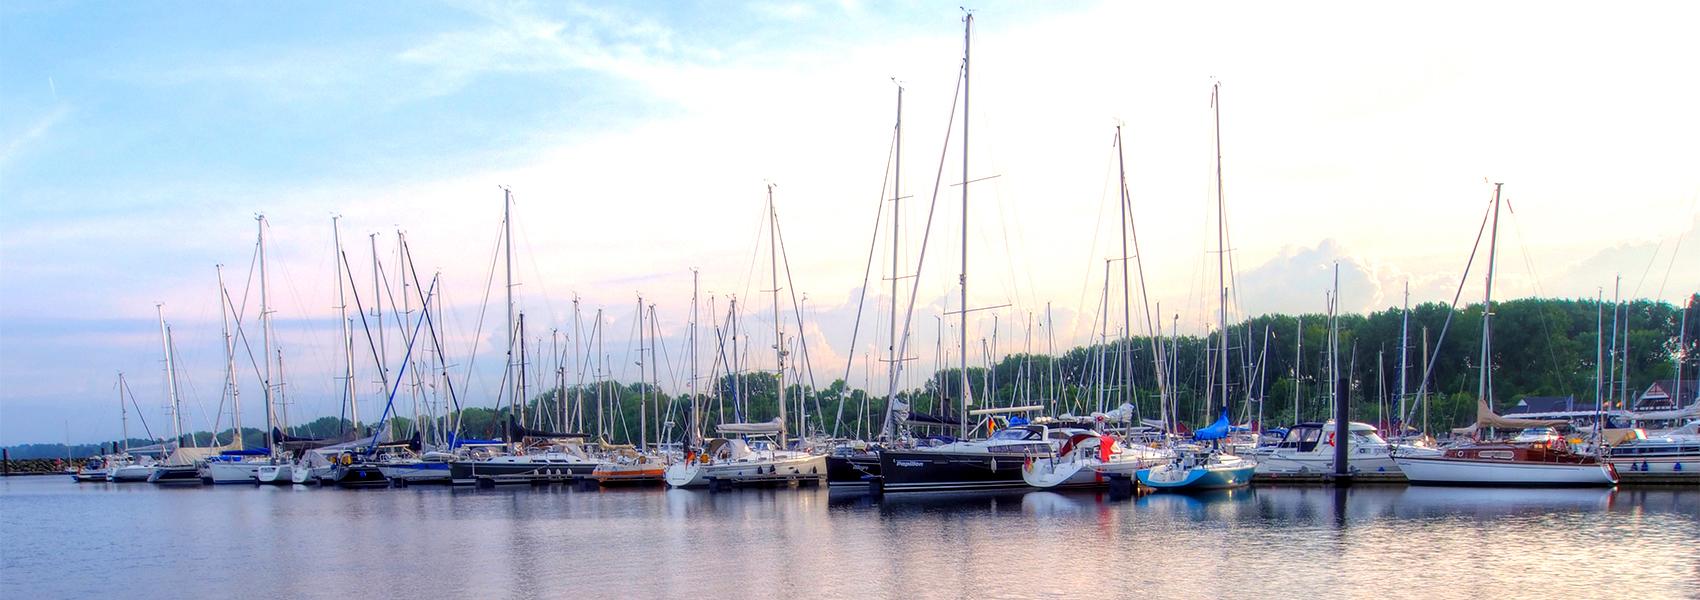 Yachthafen-Boltenhagen_w1920